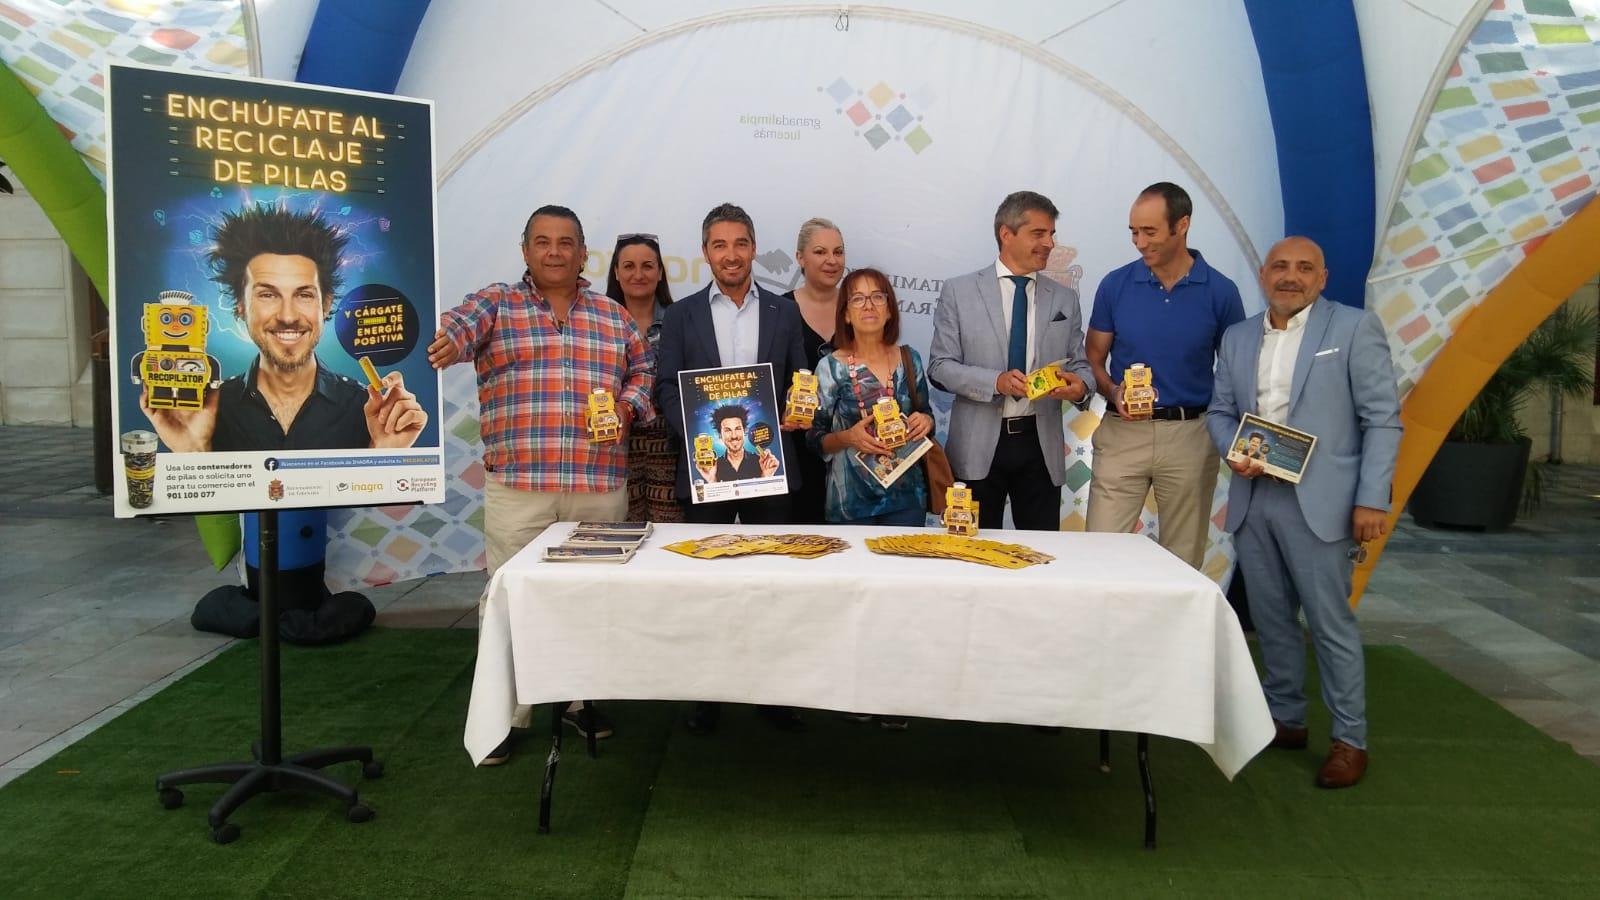 'Enchúfate al reciclaje de pilas y cárgate de energía positiva', la nueva campaña del Ayuntamiento para superar las 20 toneladas de pilas recicladas